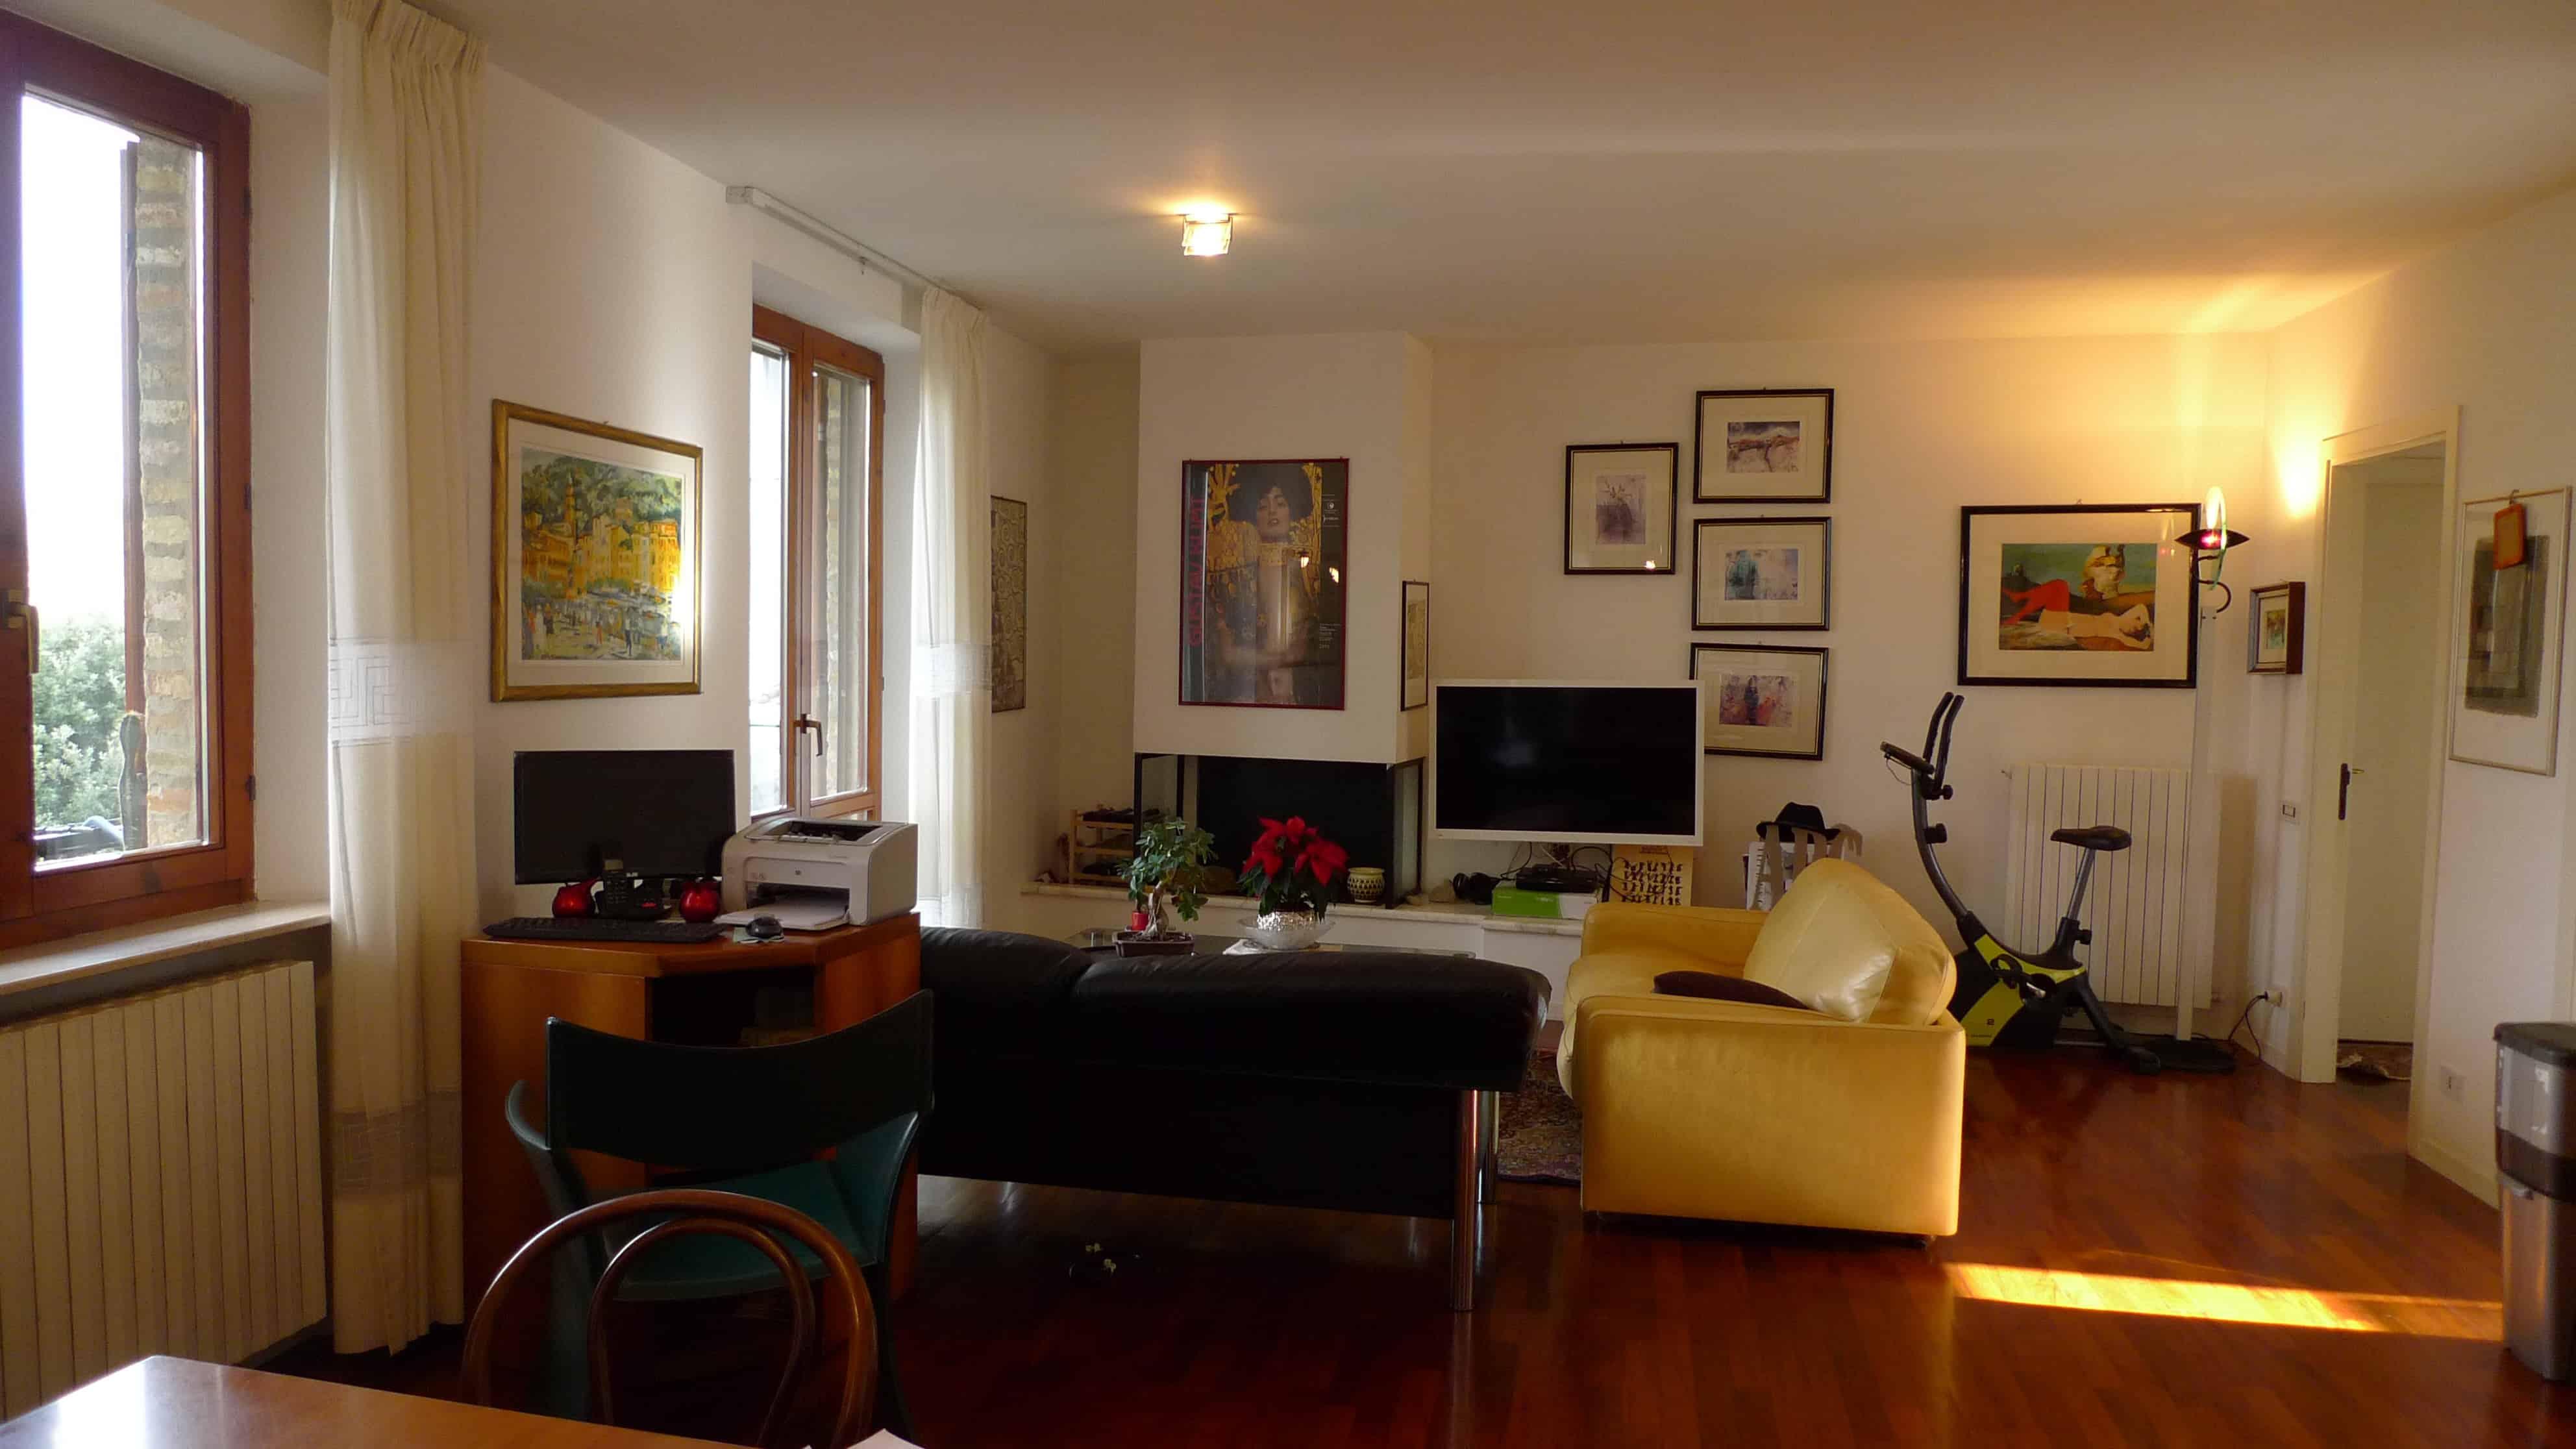 Appartamento a Lapedona, a soli 10 minuti dal mare